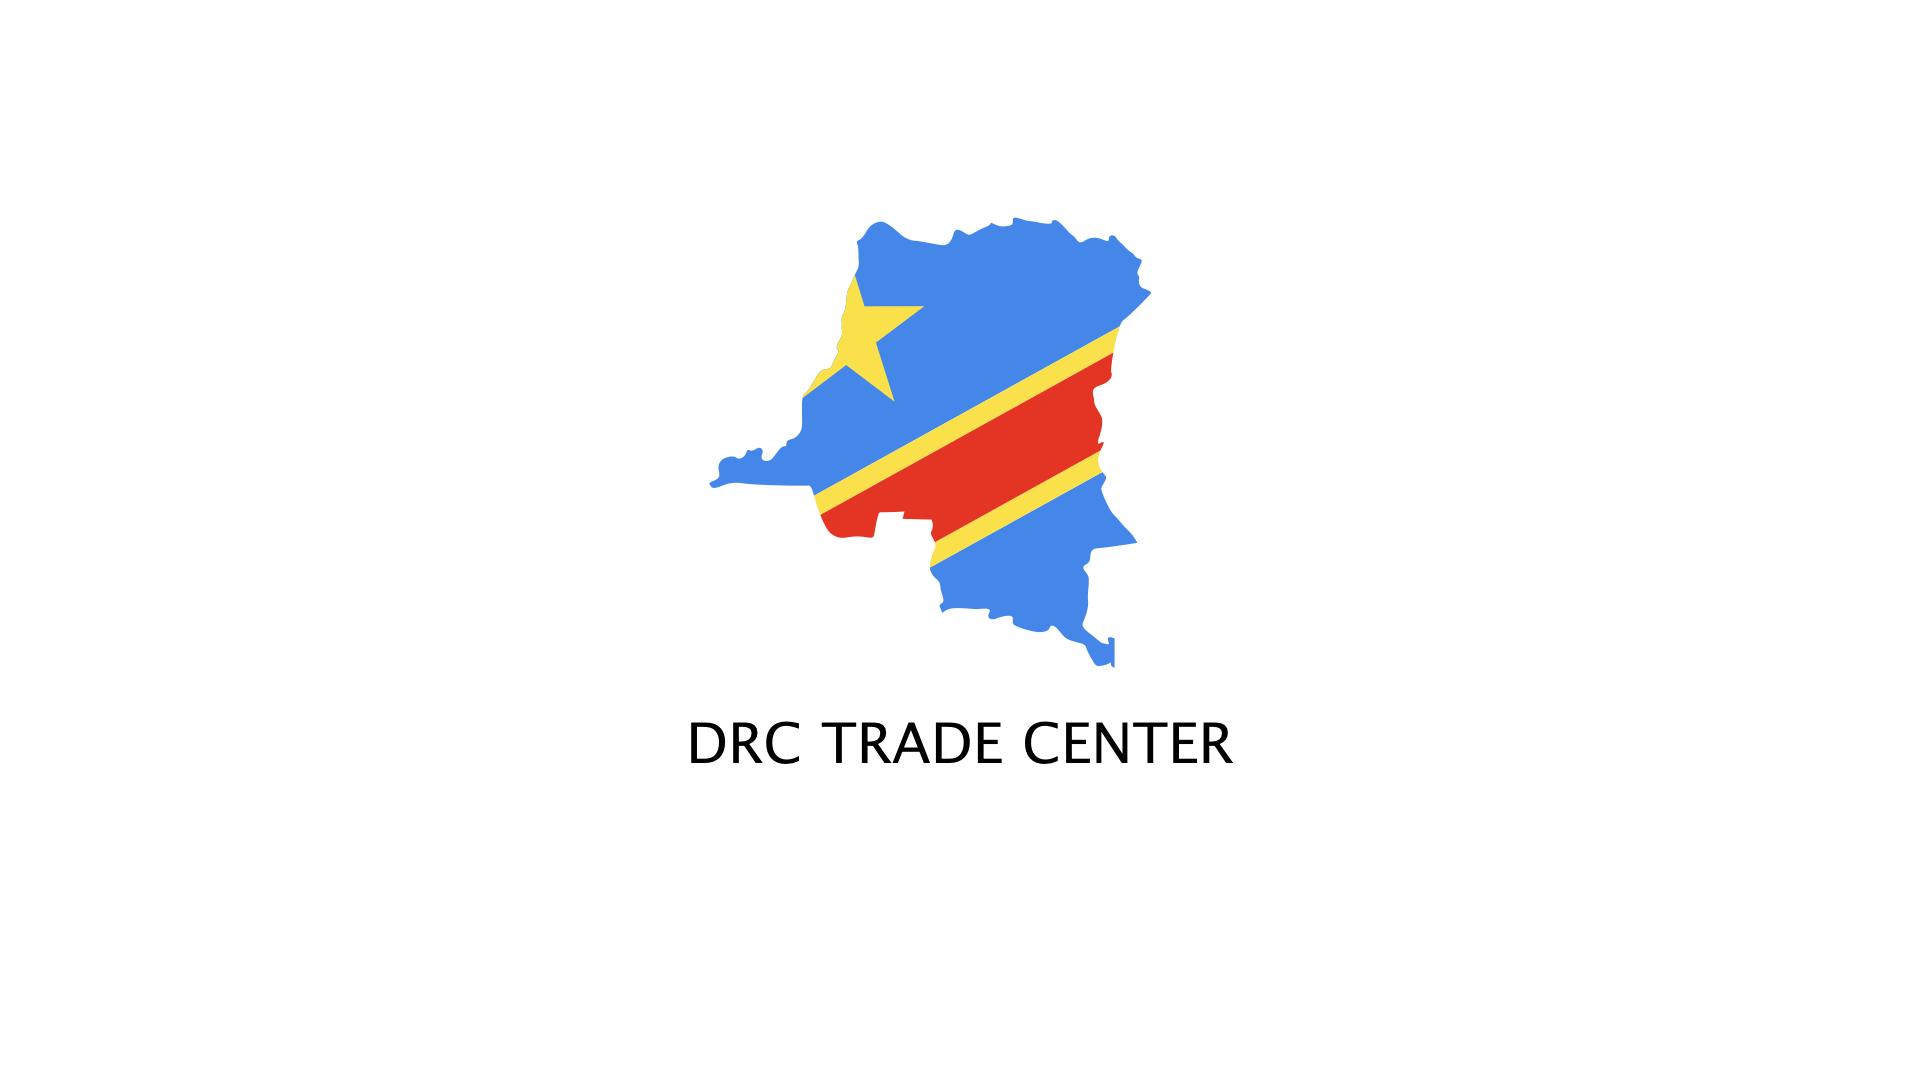 DRC.001.jpeg